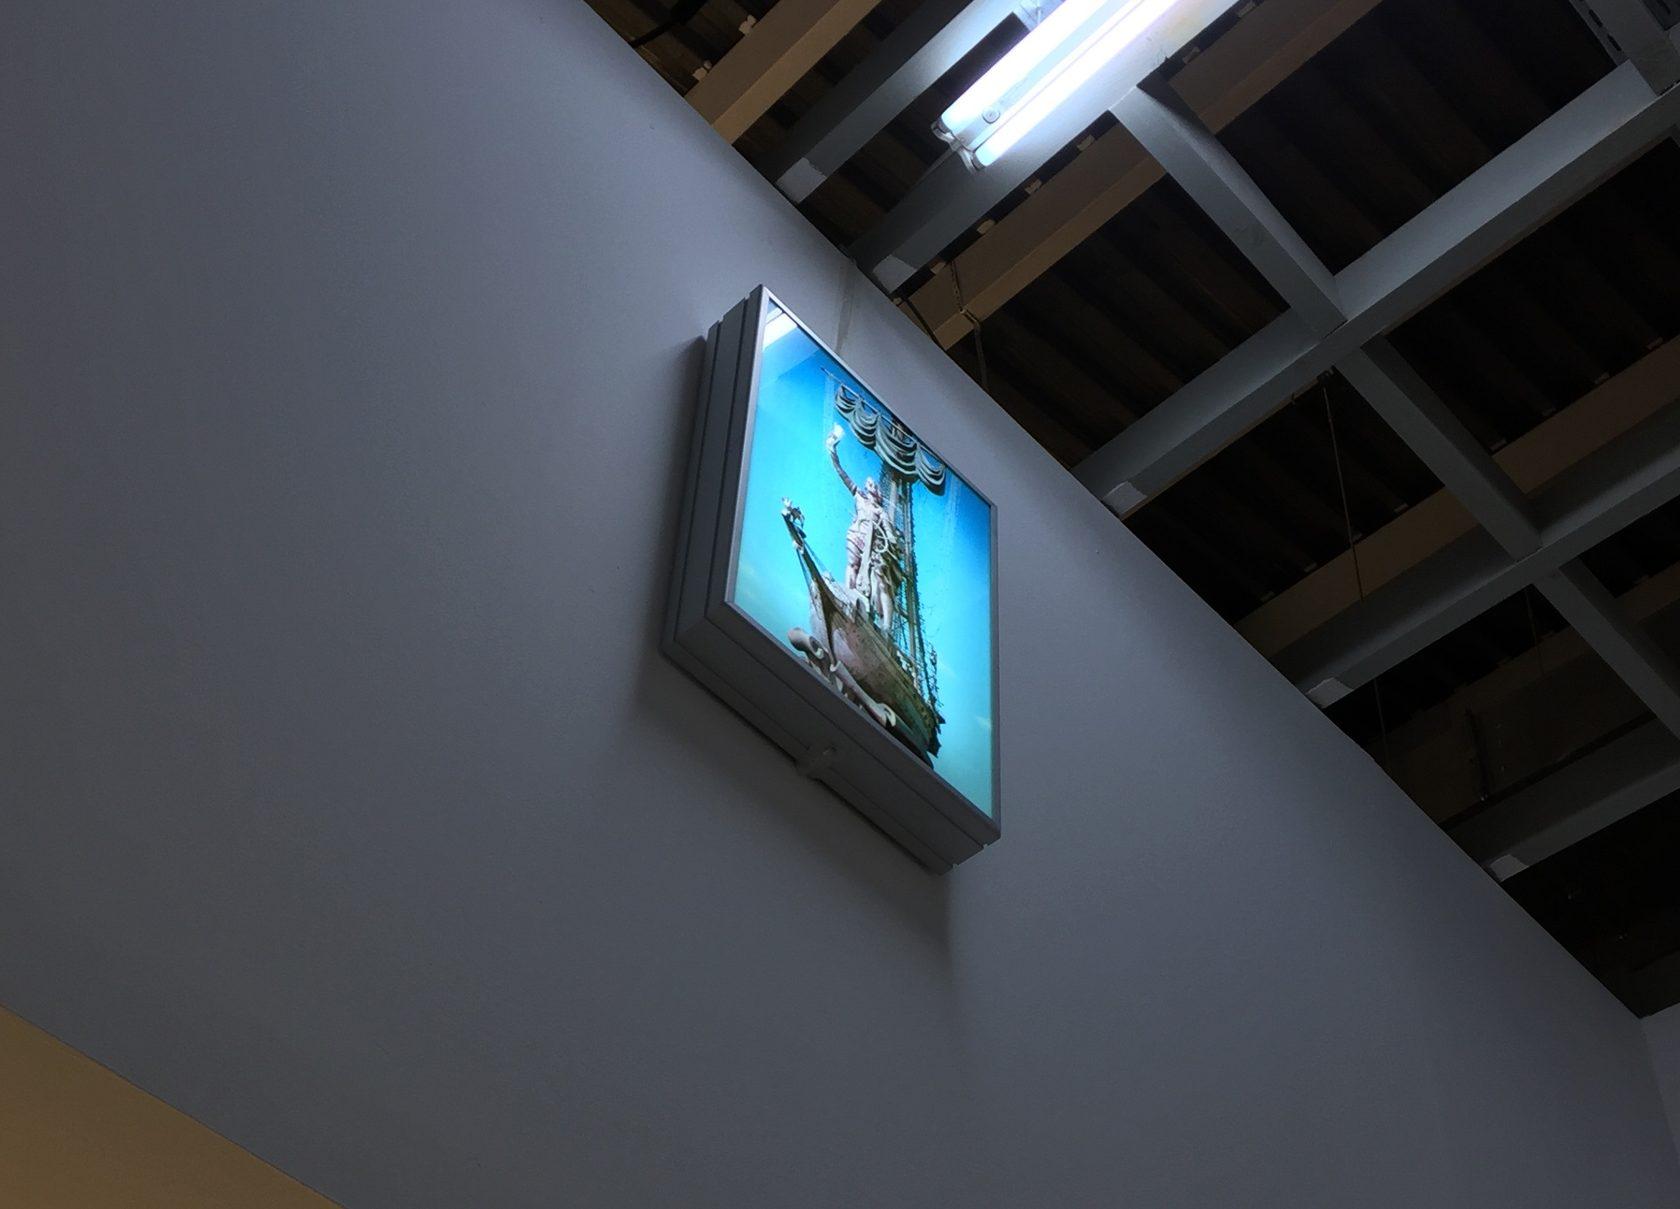 Выставка «Павел Пепперштейн. Москва 2000». 6 марта — 4 апреля 2019 в Галерее Ovcharenko. Фото: Егор Софронов